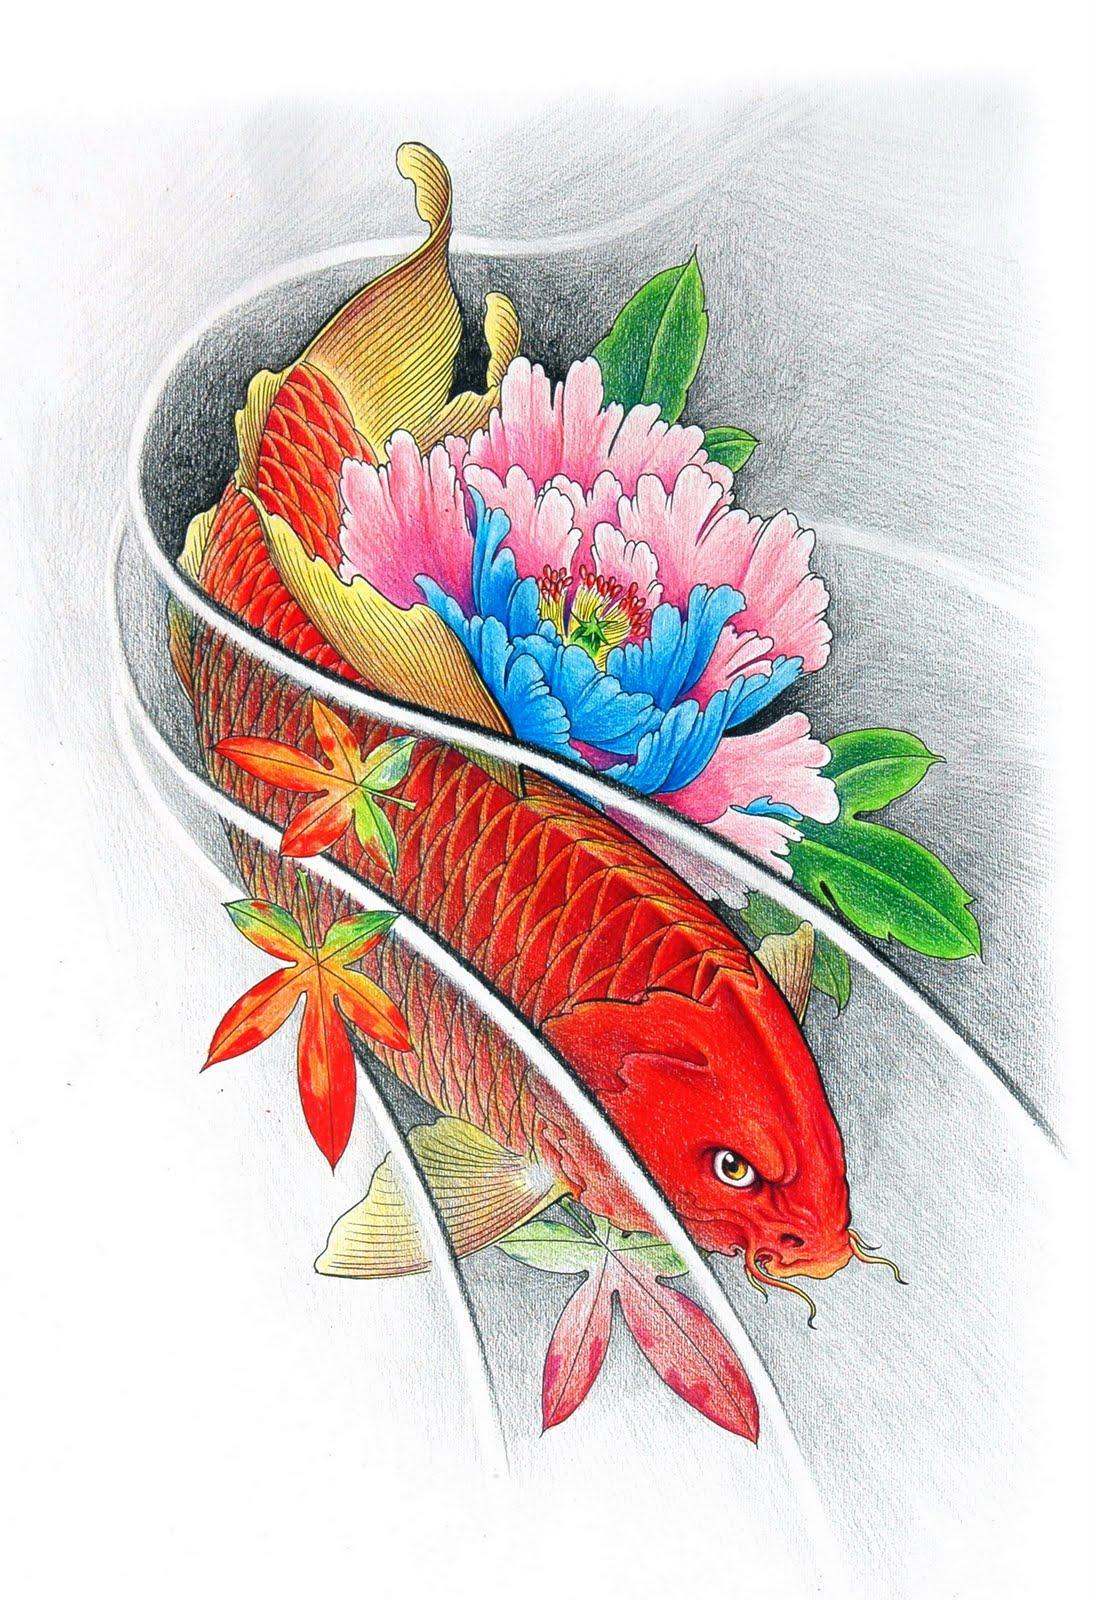 http://3.bp.blogspot.com/-oINkZFn_Xt4/TlvOlHi7O3I/AAAAAAAAJRA/gRfk08p8zLs/s1600/Koi+Tattoo+Pattern17+-+tattoology.blogspot.com.jpg